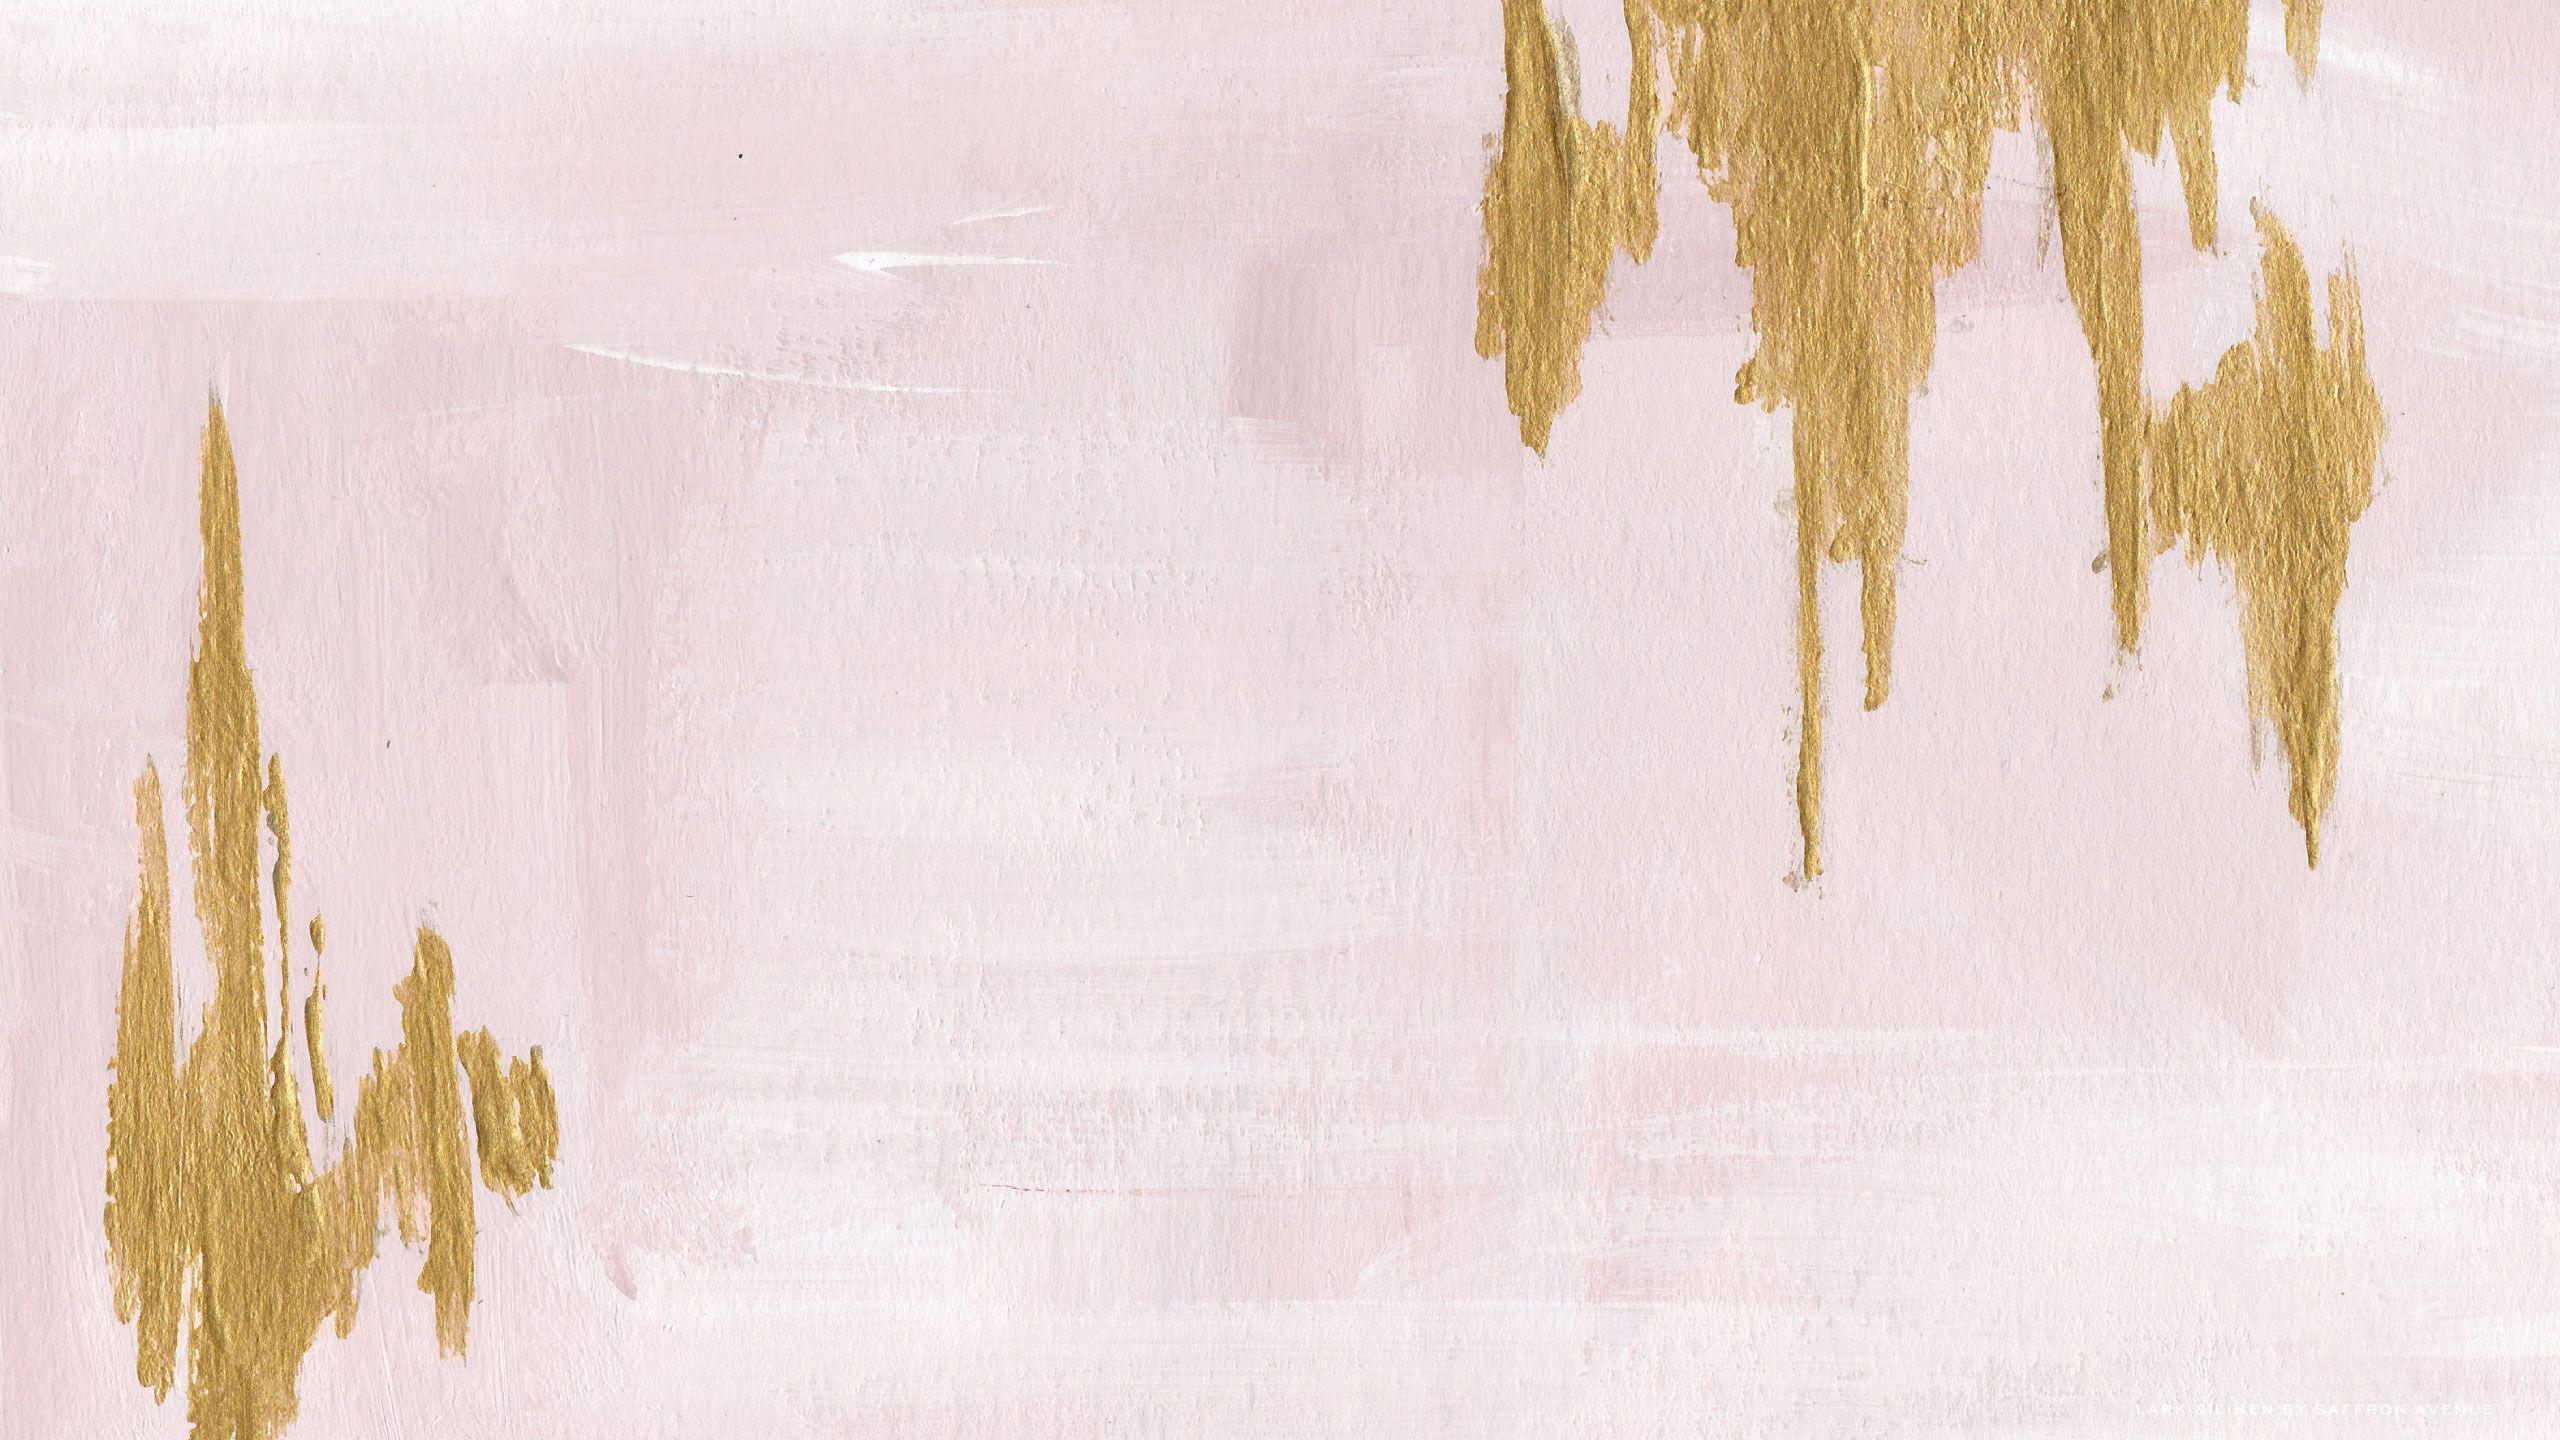 LarkLinen Pink Large 2560x1440 Pixels